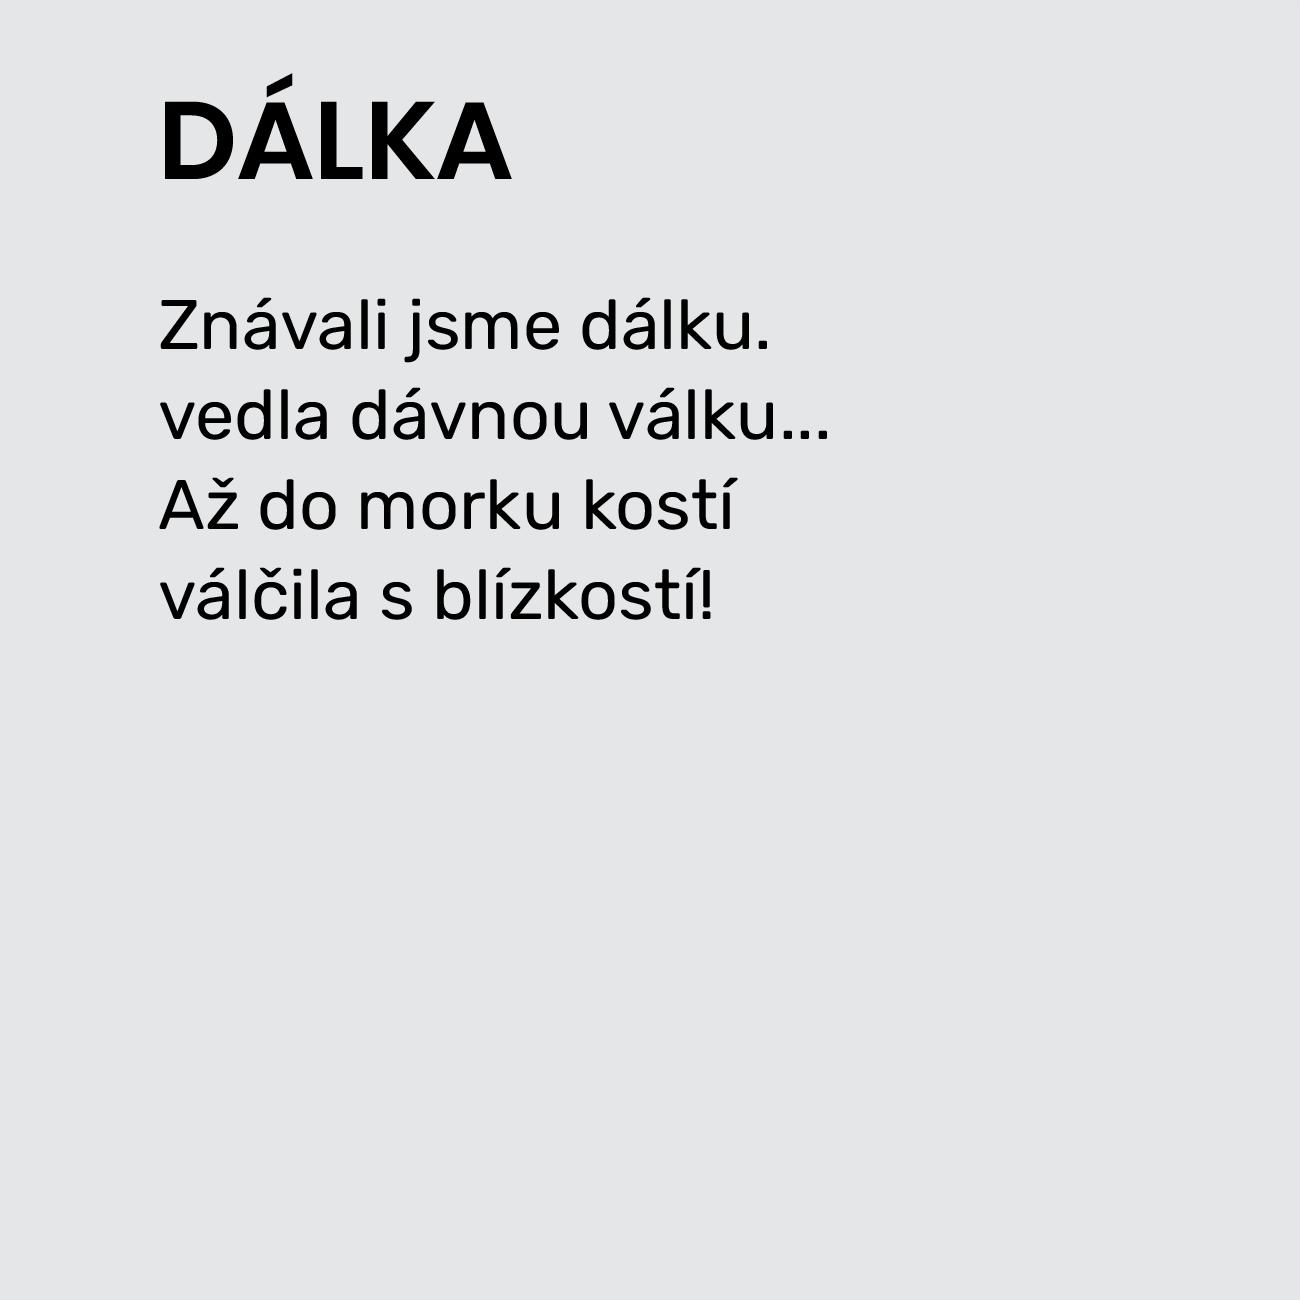 DÁLKA